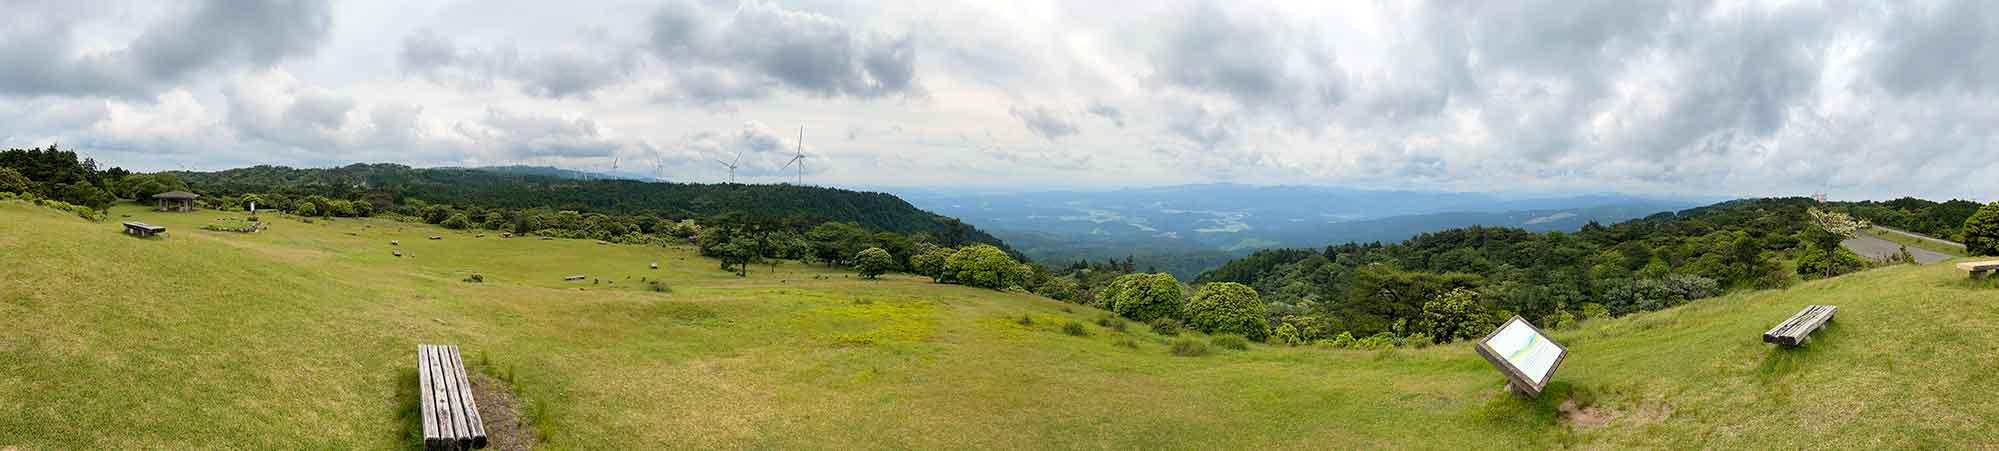 青山高原の三角点からパノラマビュー